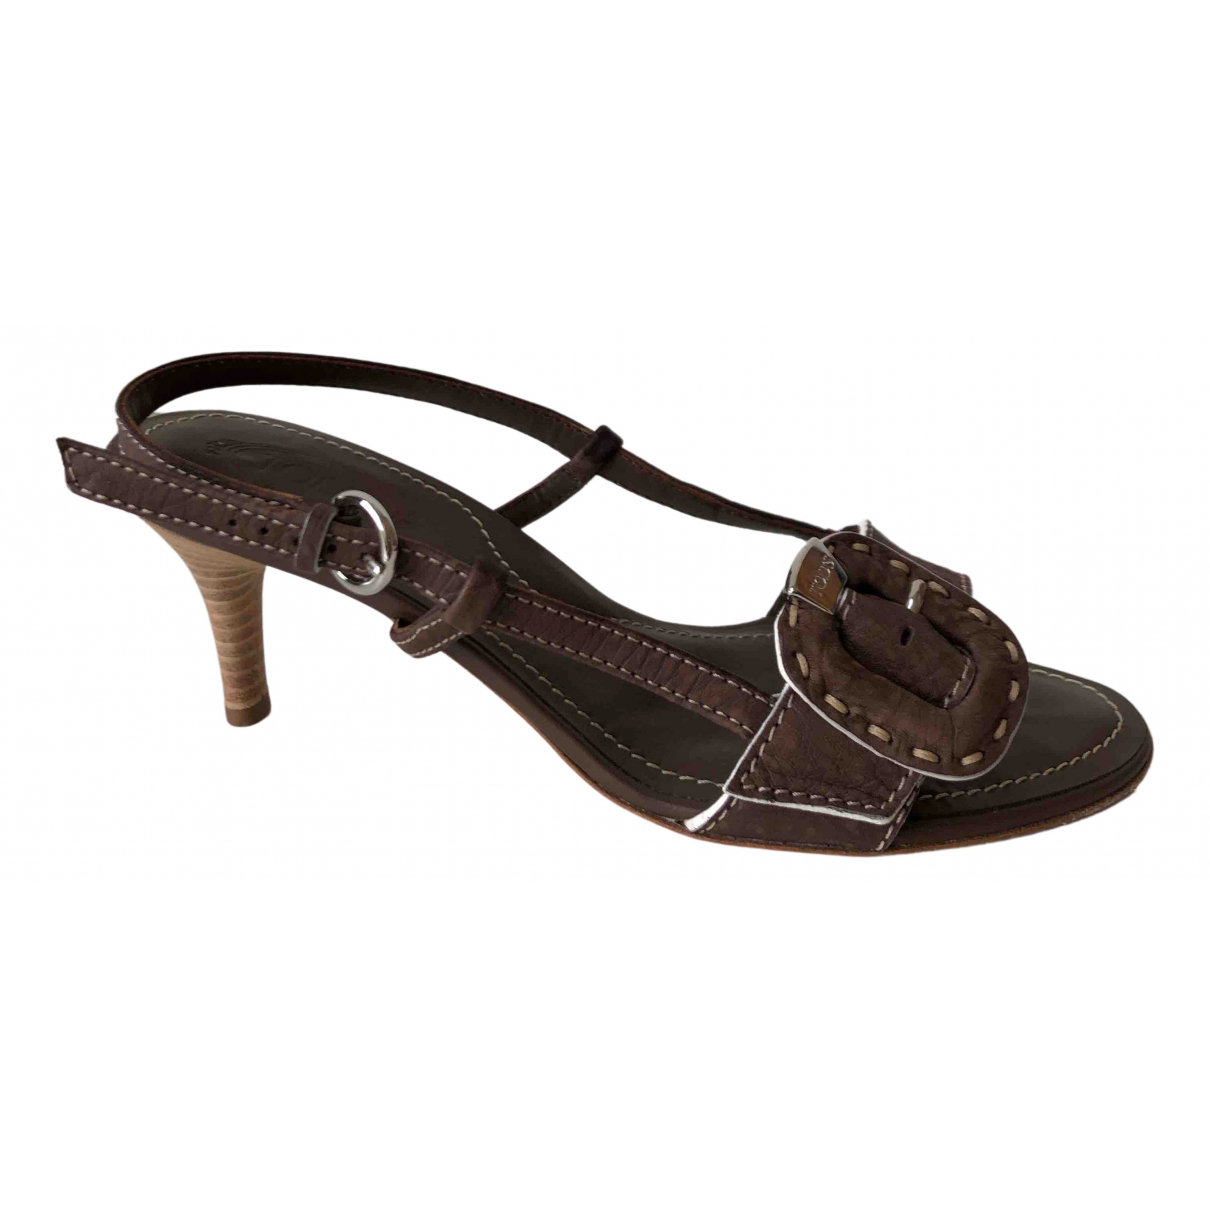 Sandalias romanas de Cuero Tod's